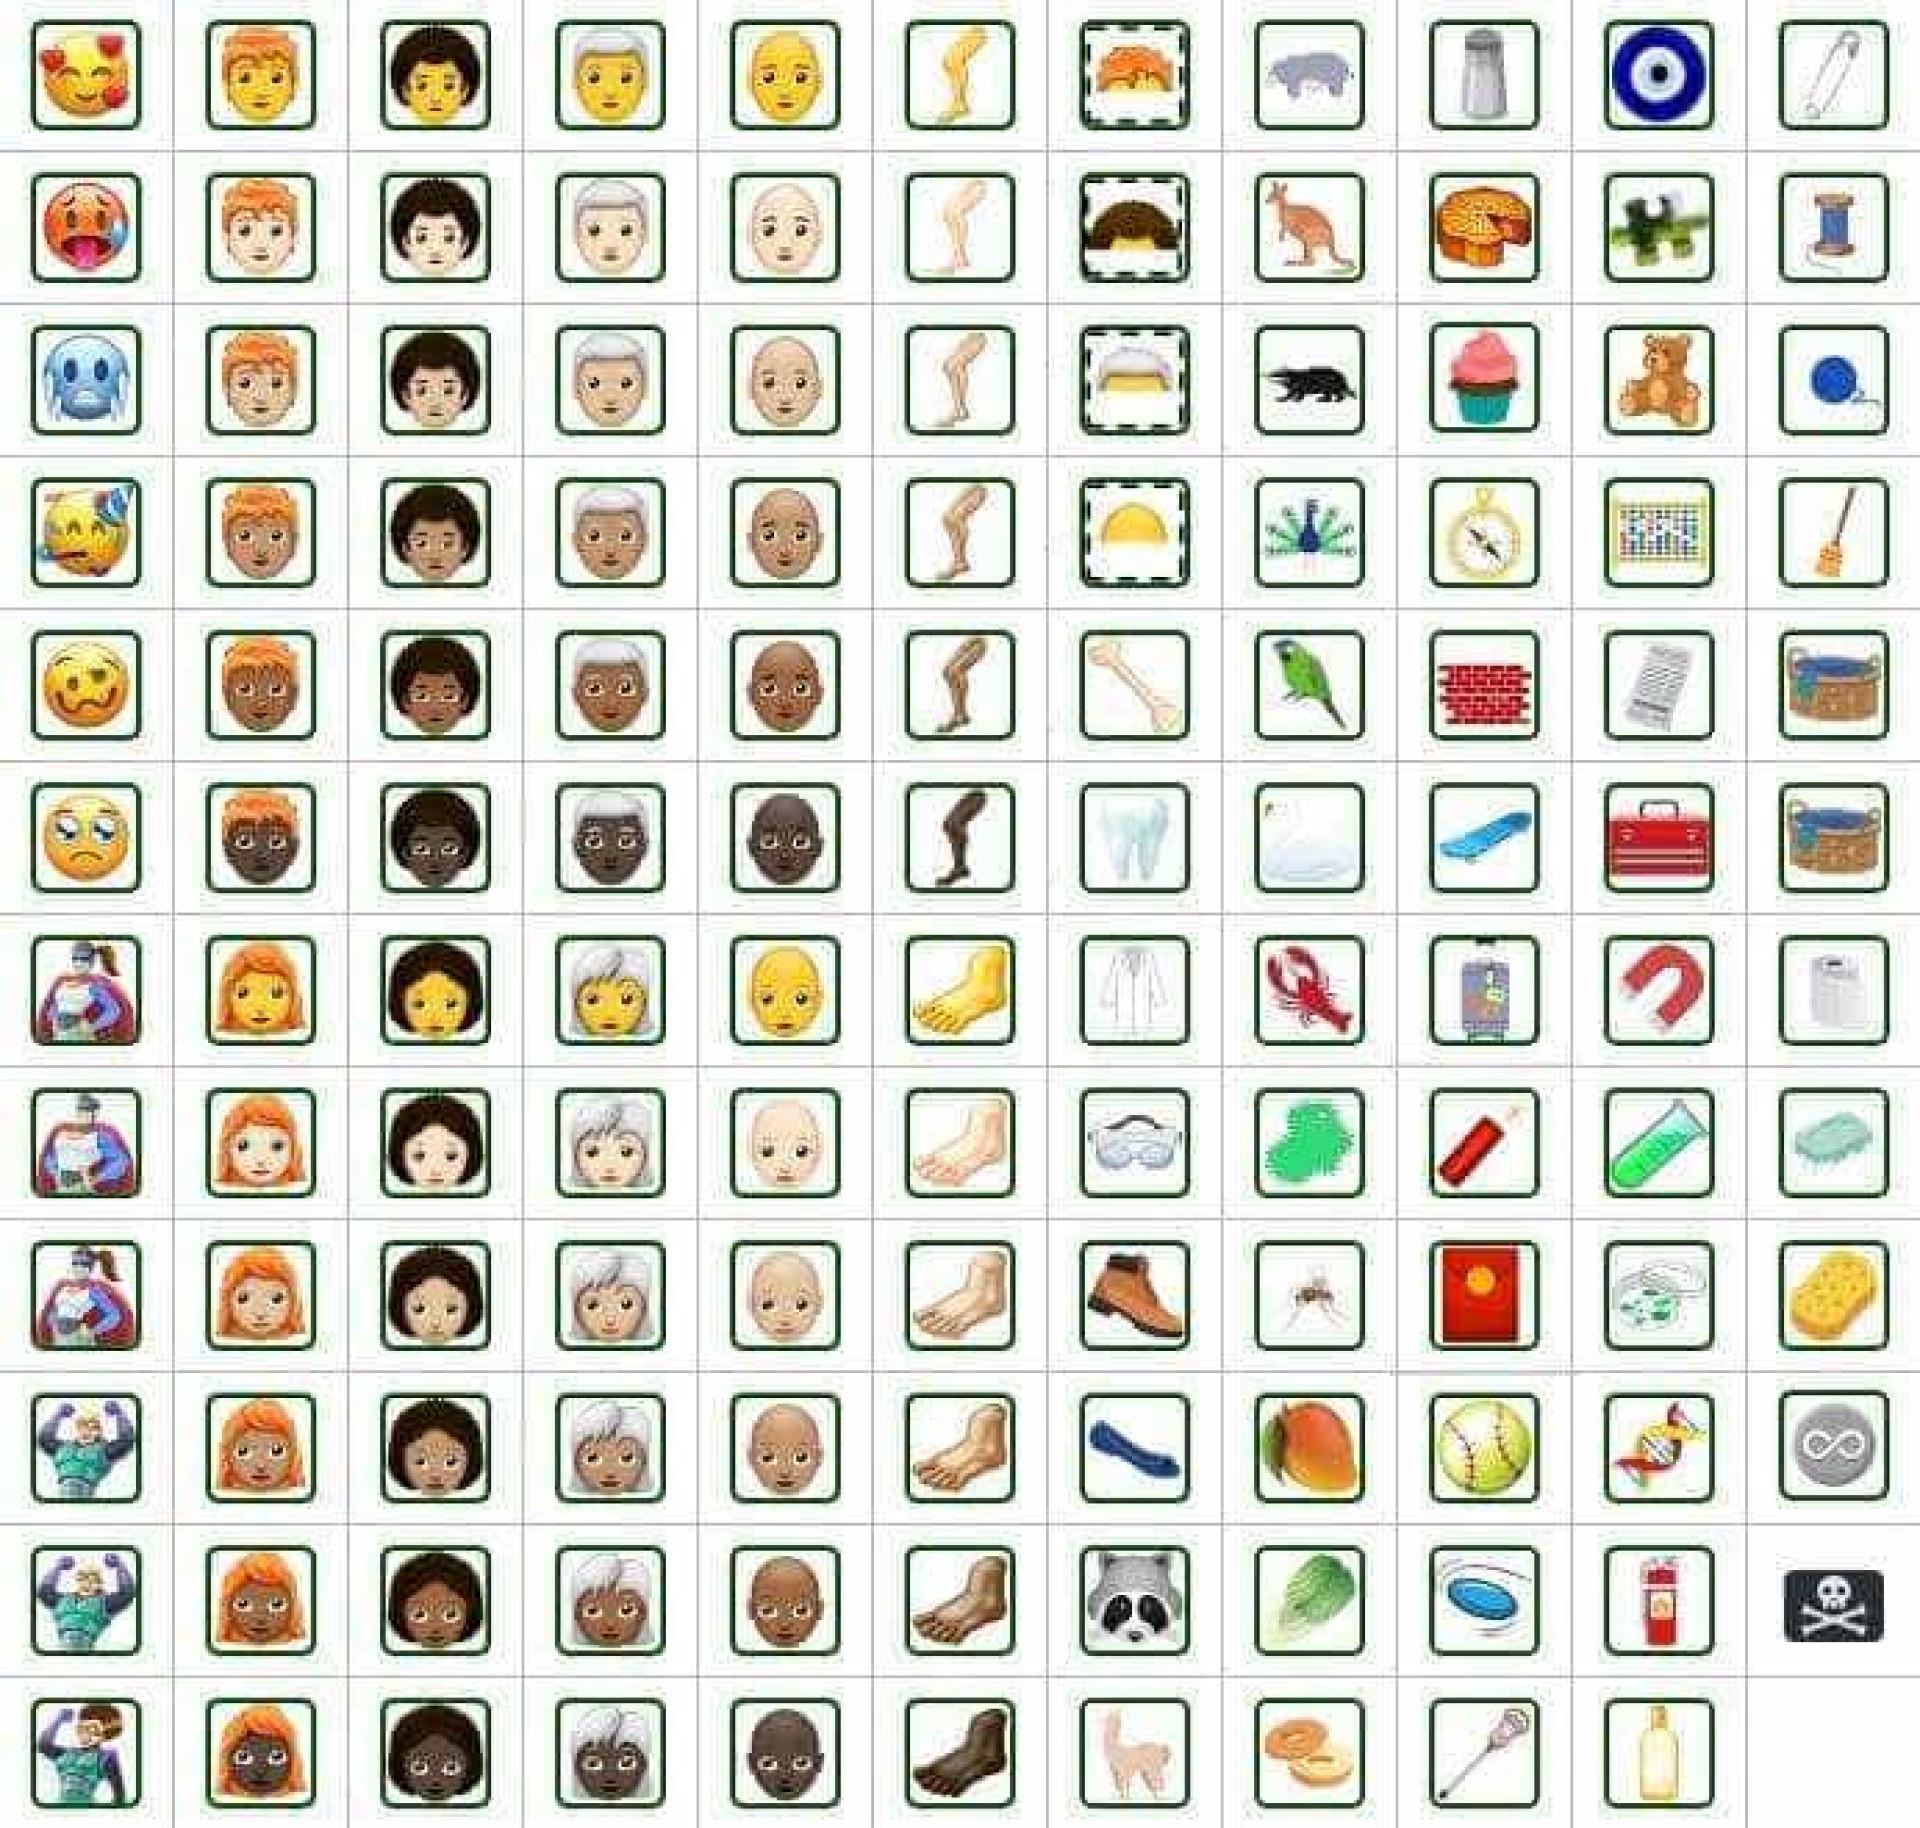 Teclado de emojis pode ganhar mais 130 desenhos; veja